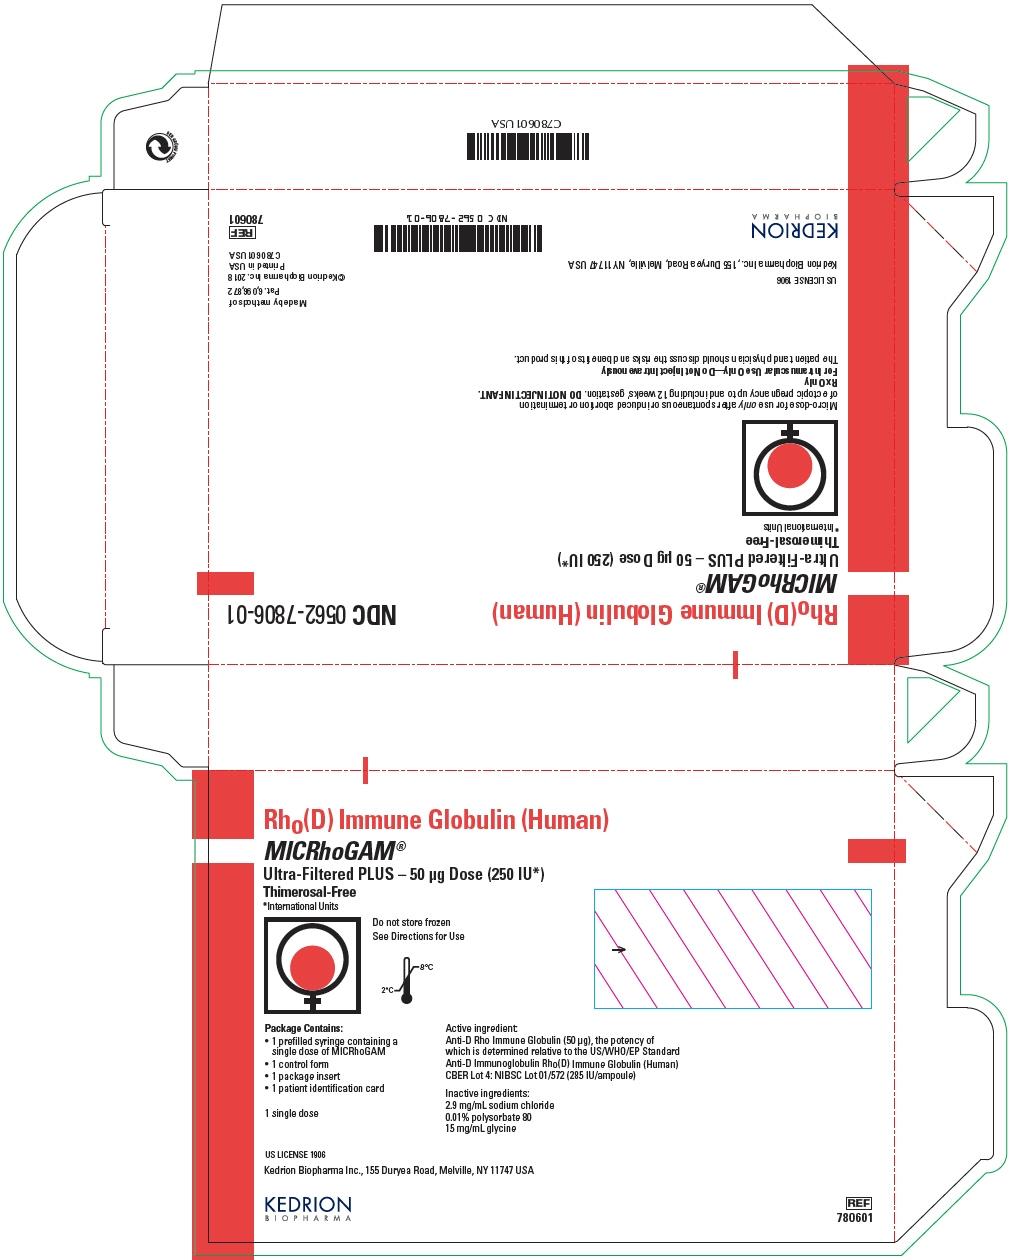 PRINCIPAL DISPLAY PANEL - 50 μg Syringe Pouch Carton - 01